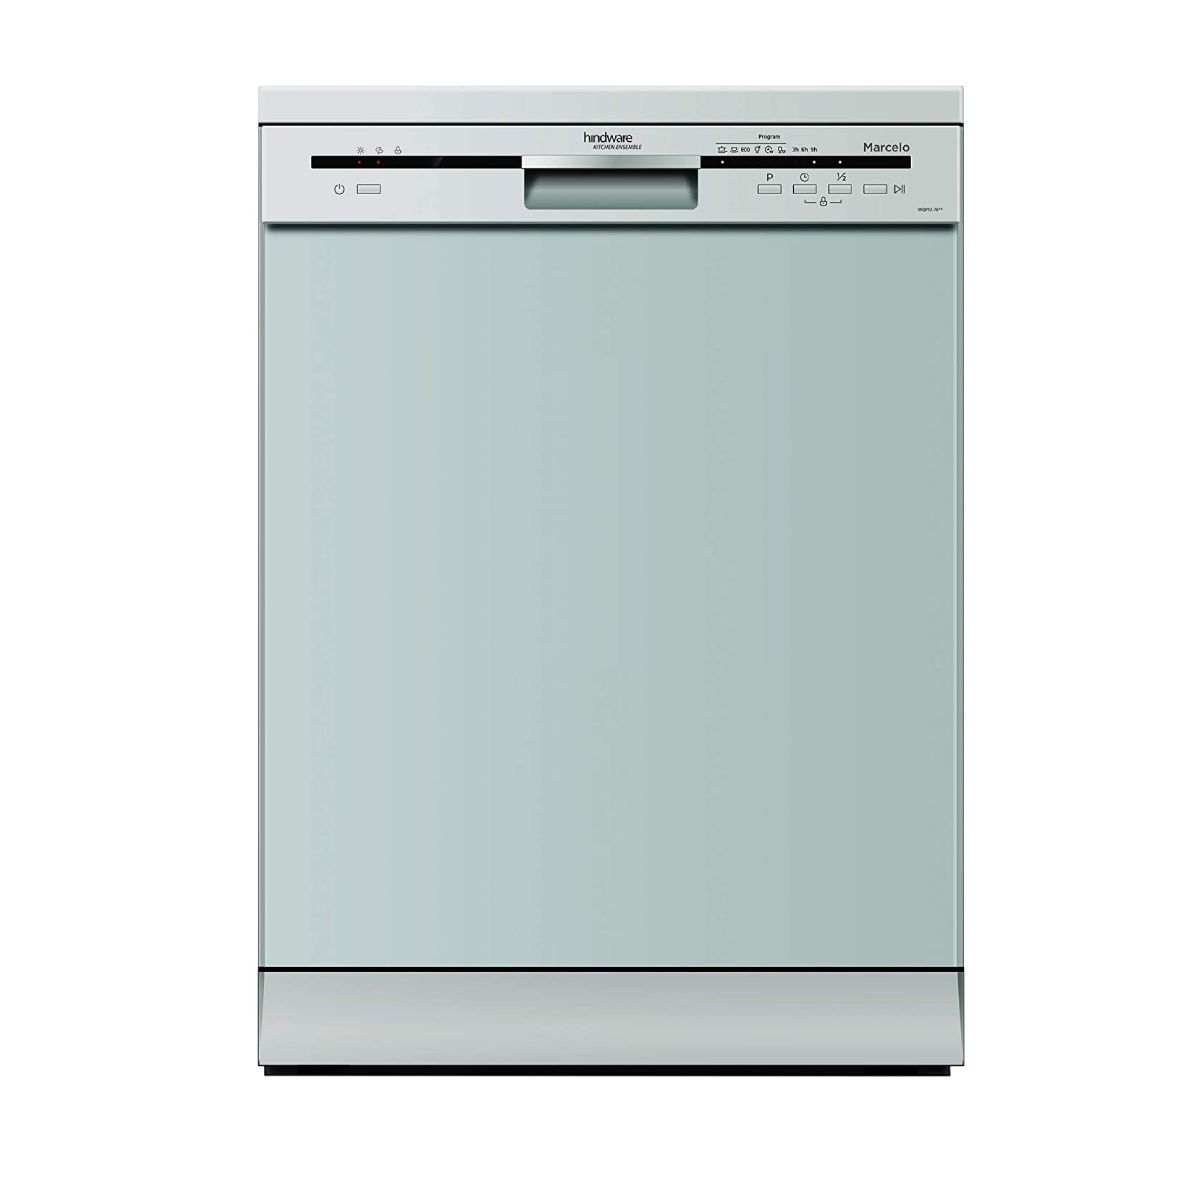 Hindware dishwasher (DW100003)